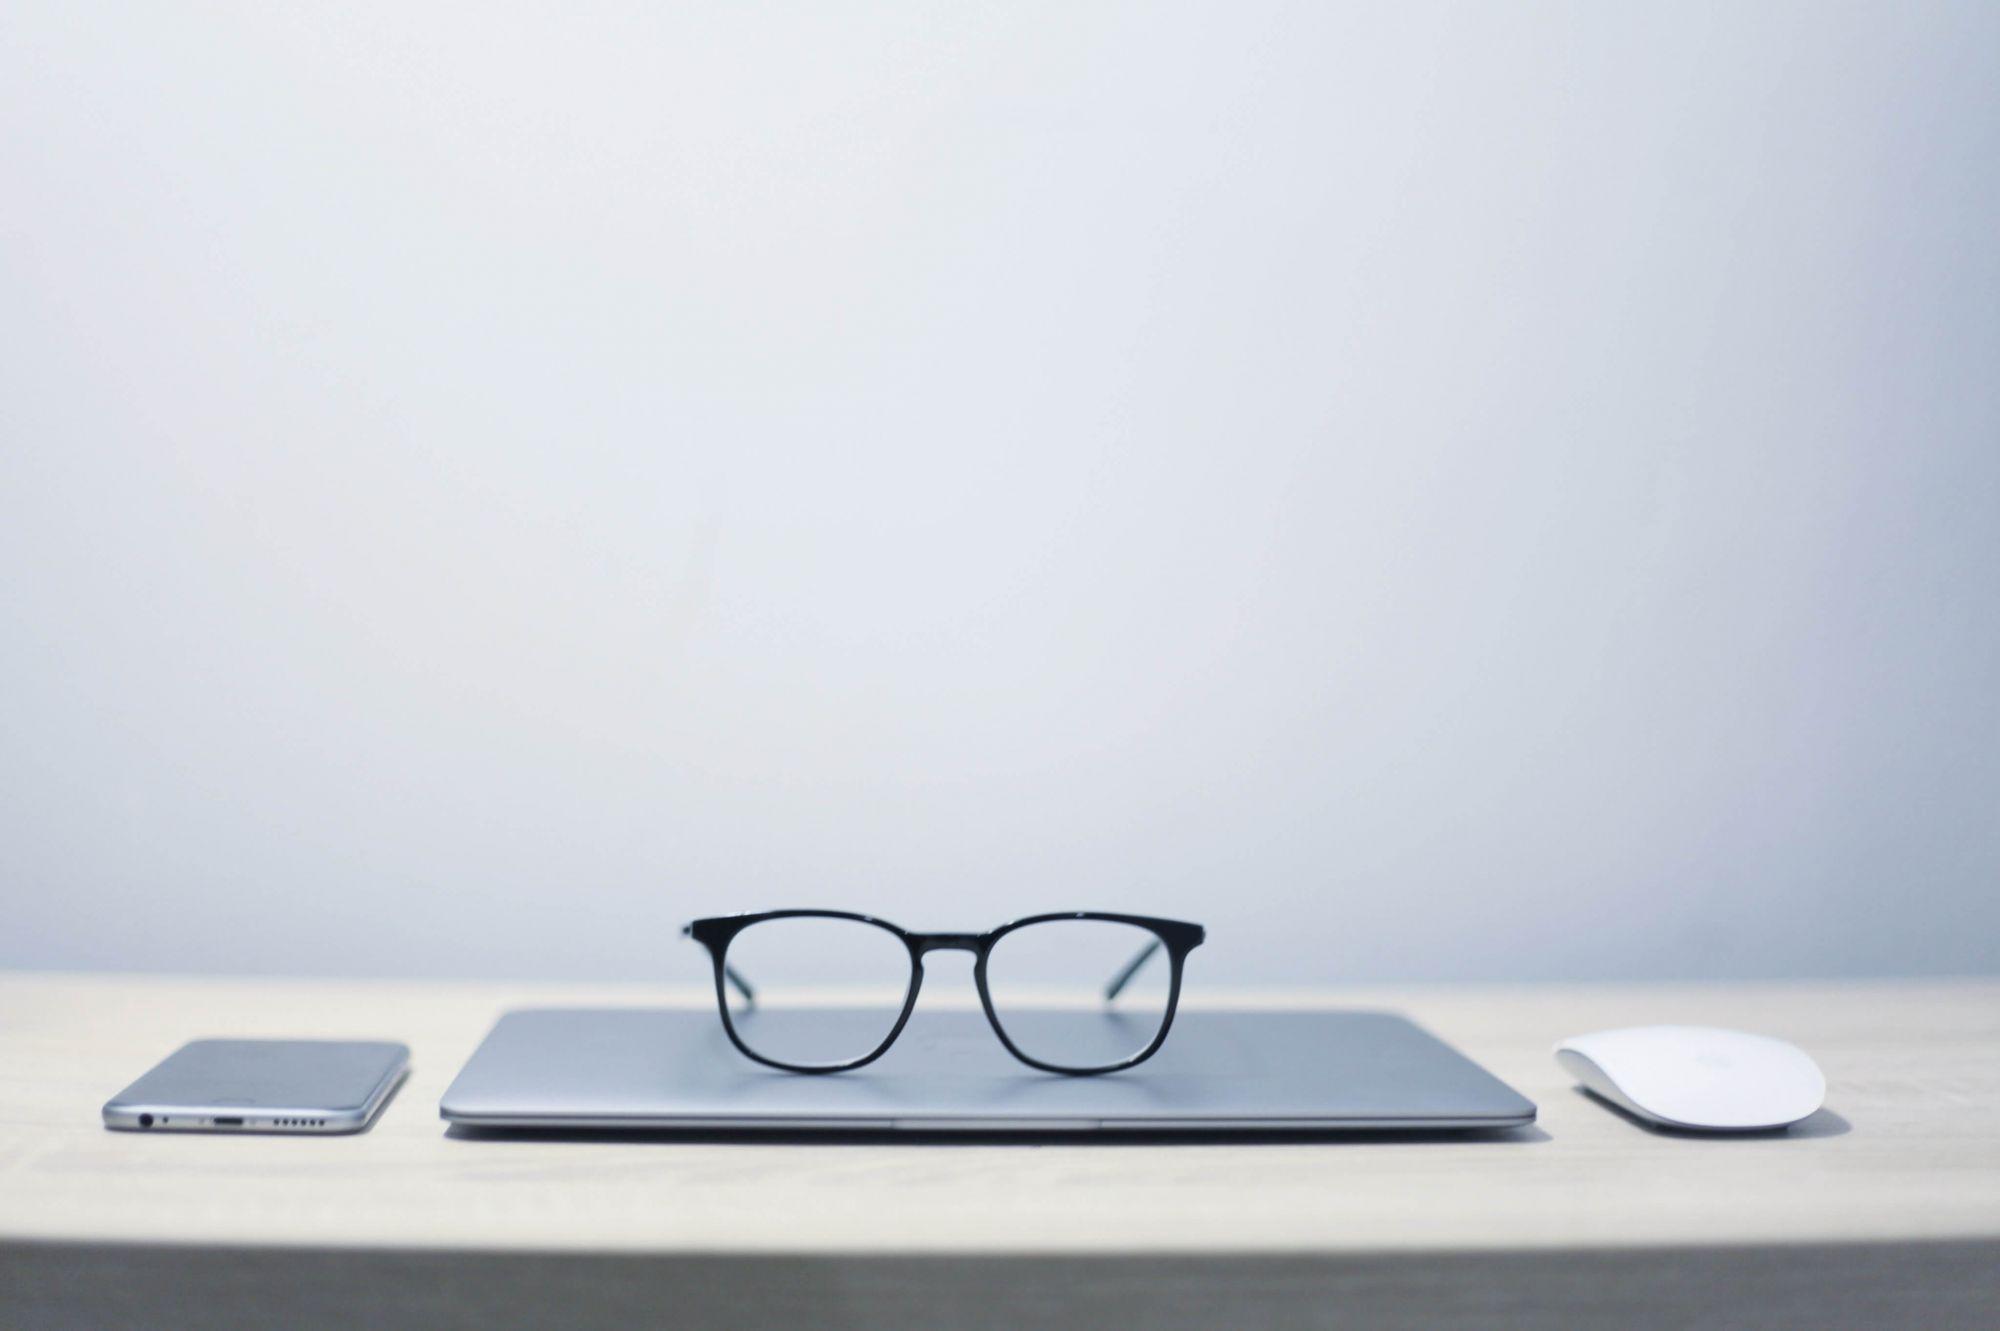 איך להתמודד עם תגובות שליליות ולנהל מוניטין ברשת